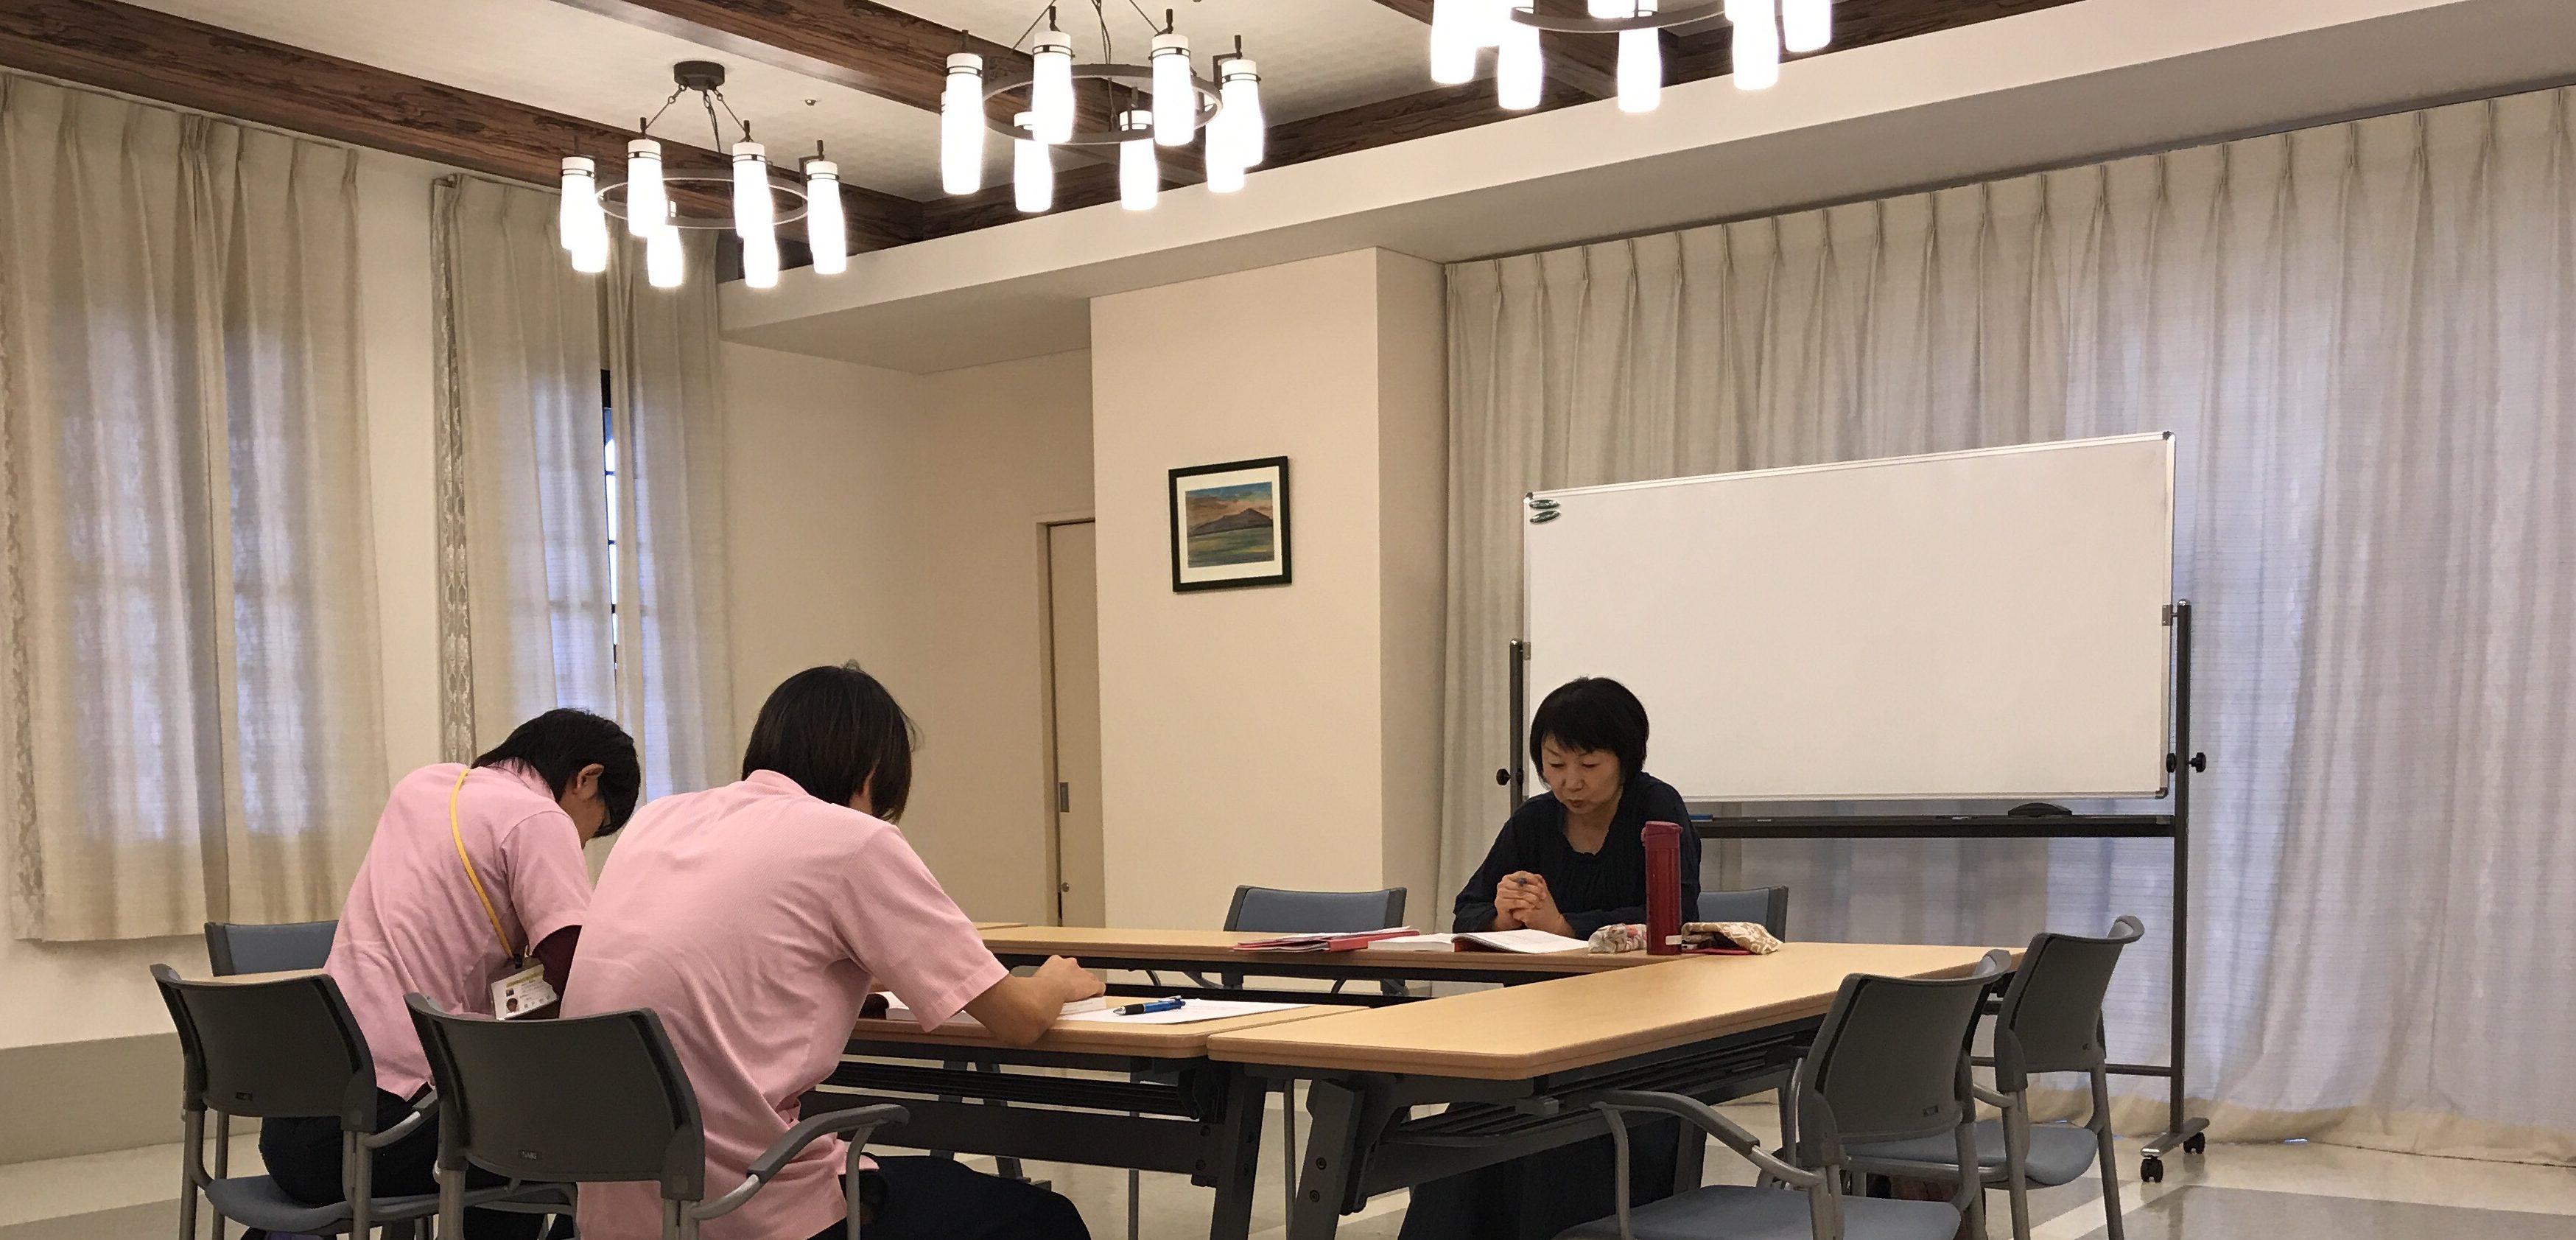 熊本県熊本市北区 有料老人ホーム様(1班目)